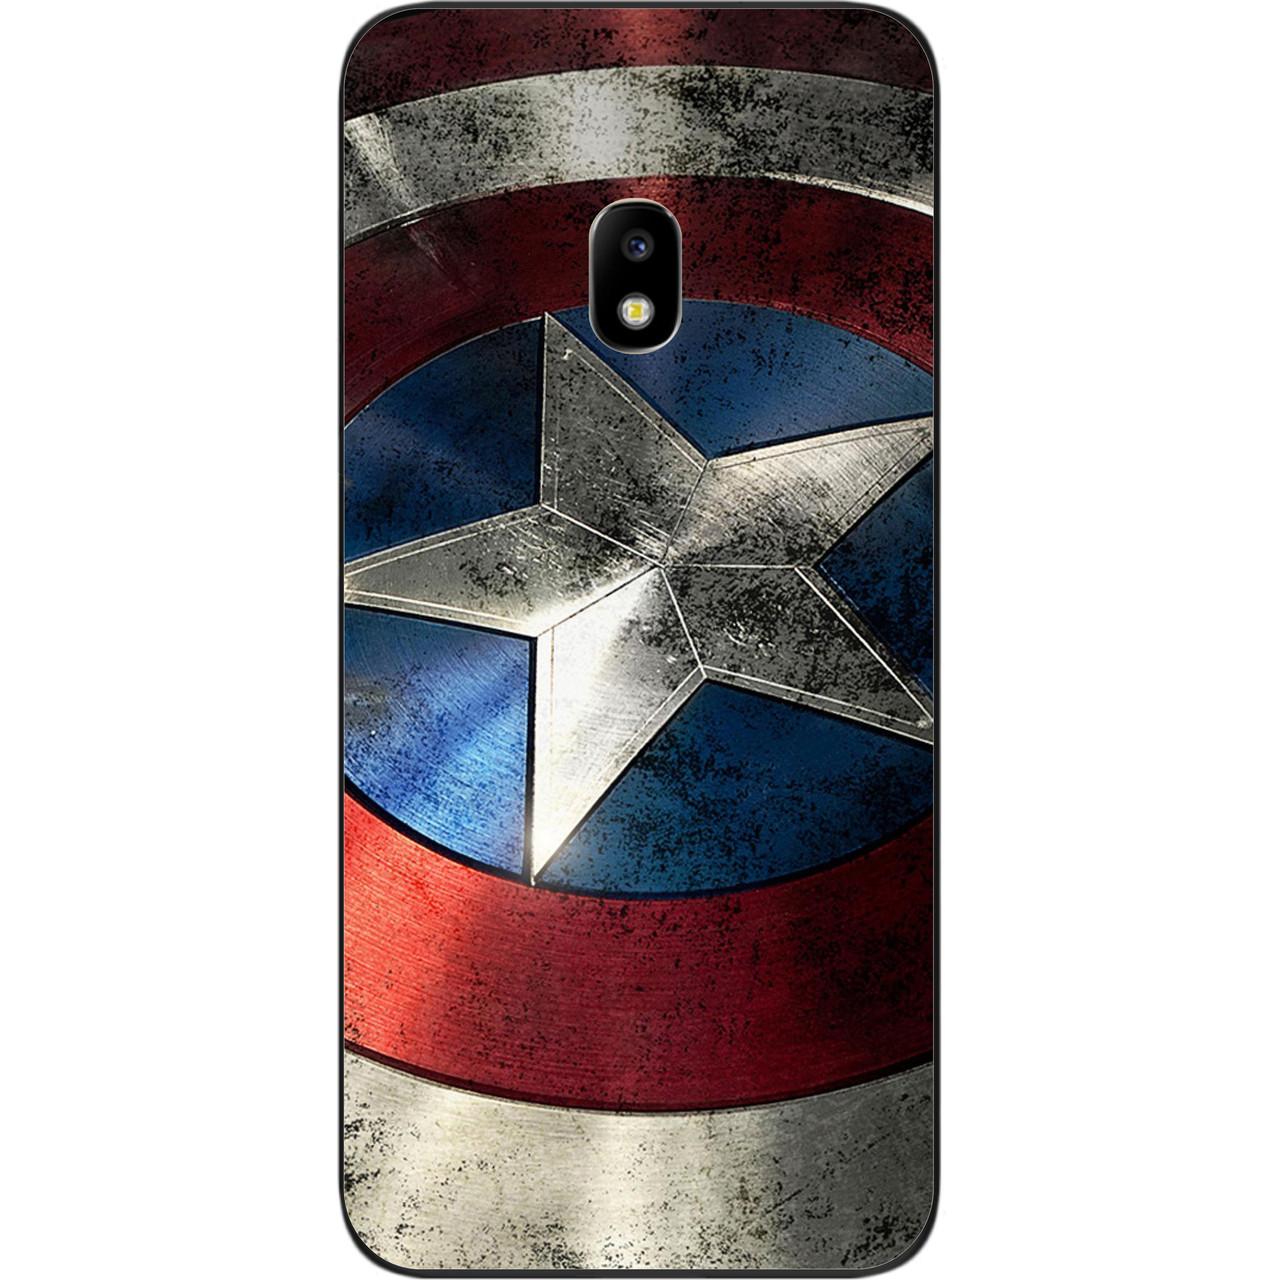 Силіконовий чохол бампер для Samsung J7 2017 Galaxy J730 з картинкою Капітан Америка